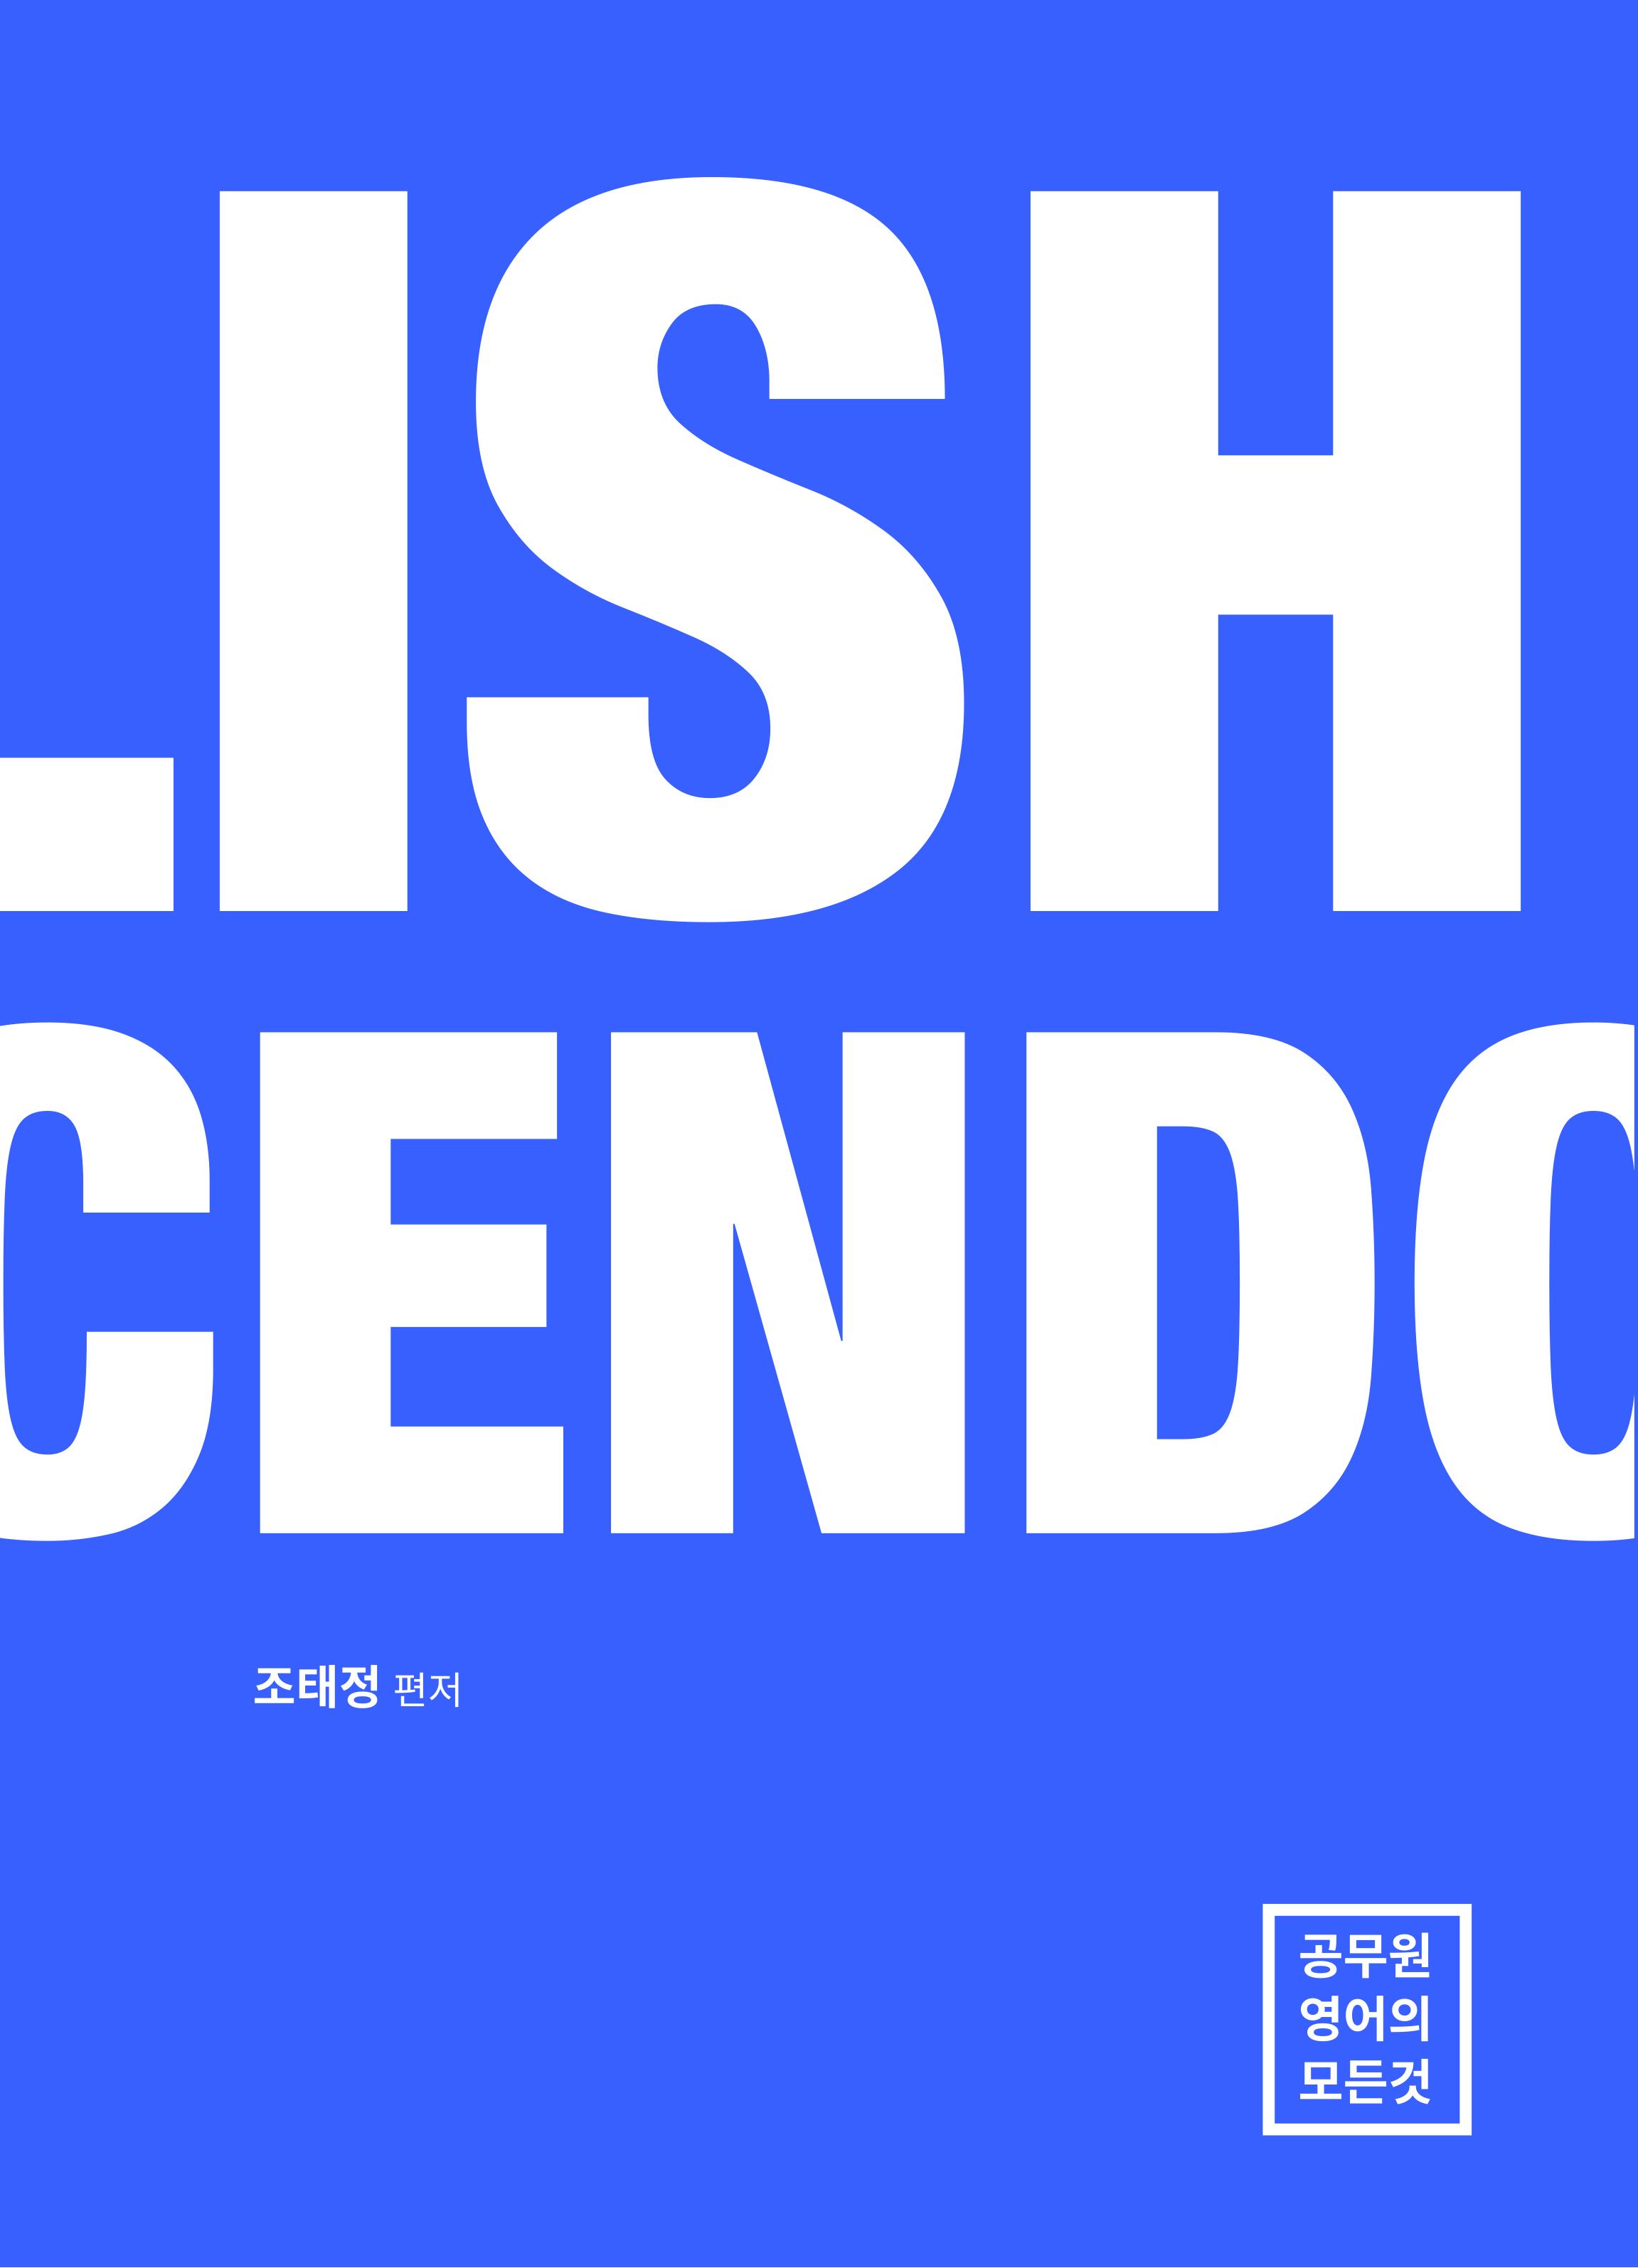 조태정 English Crescendo - BLUE